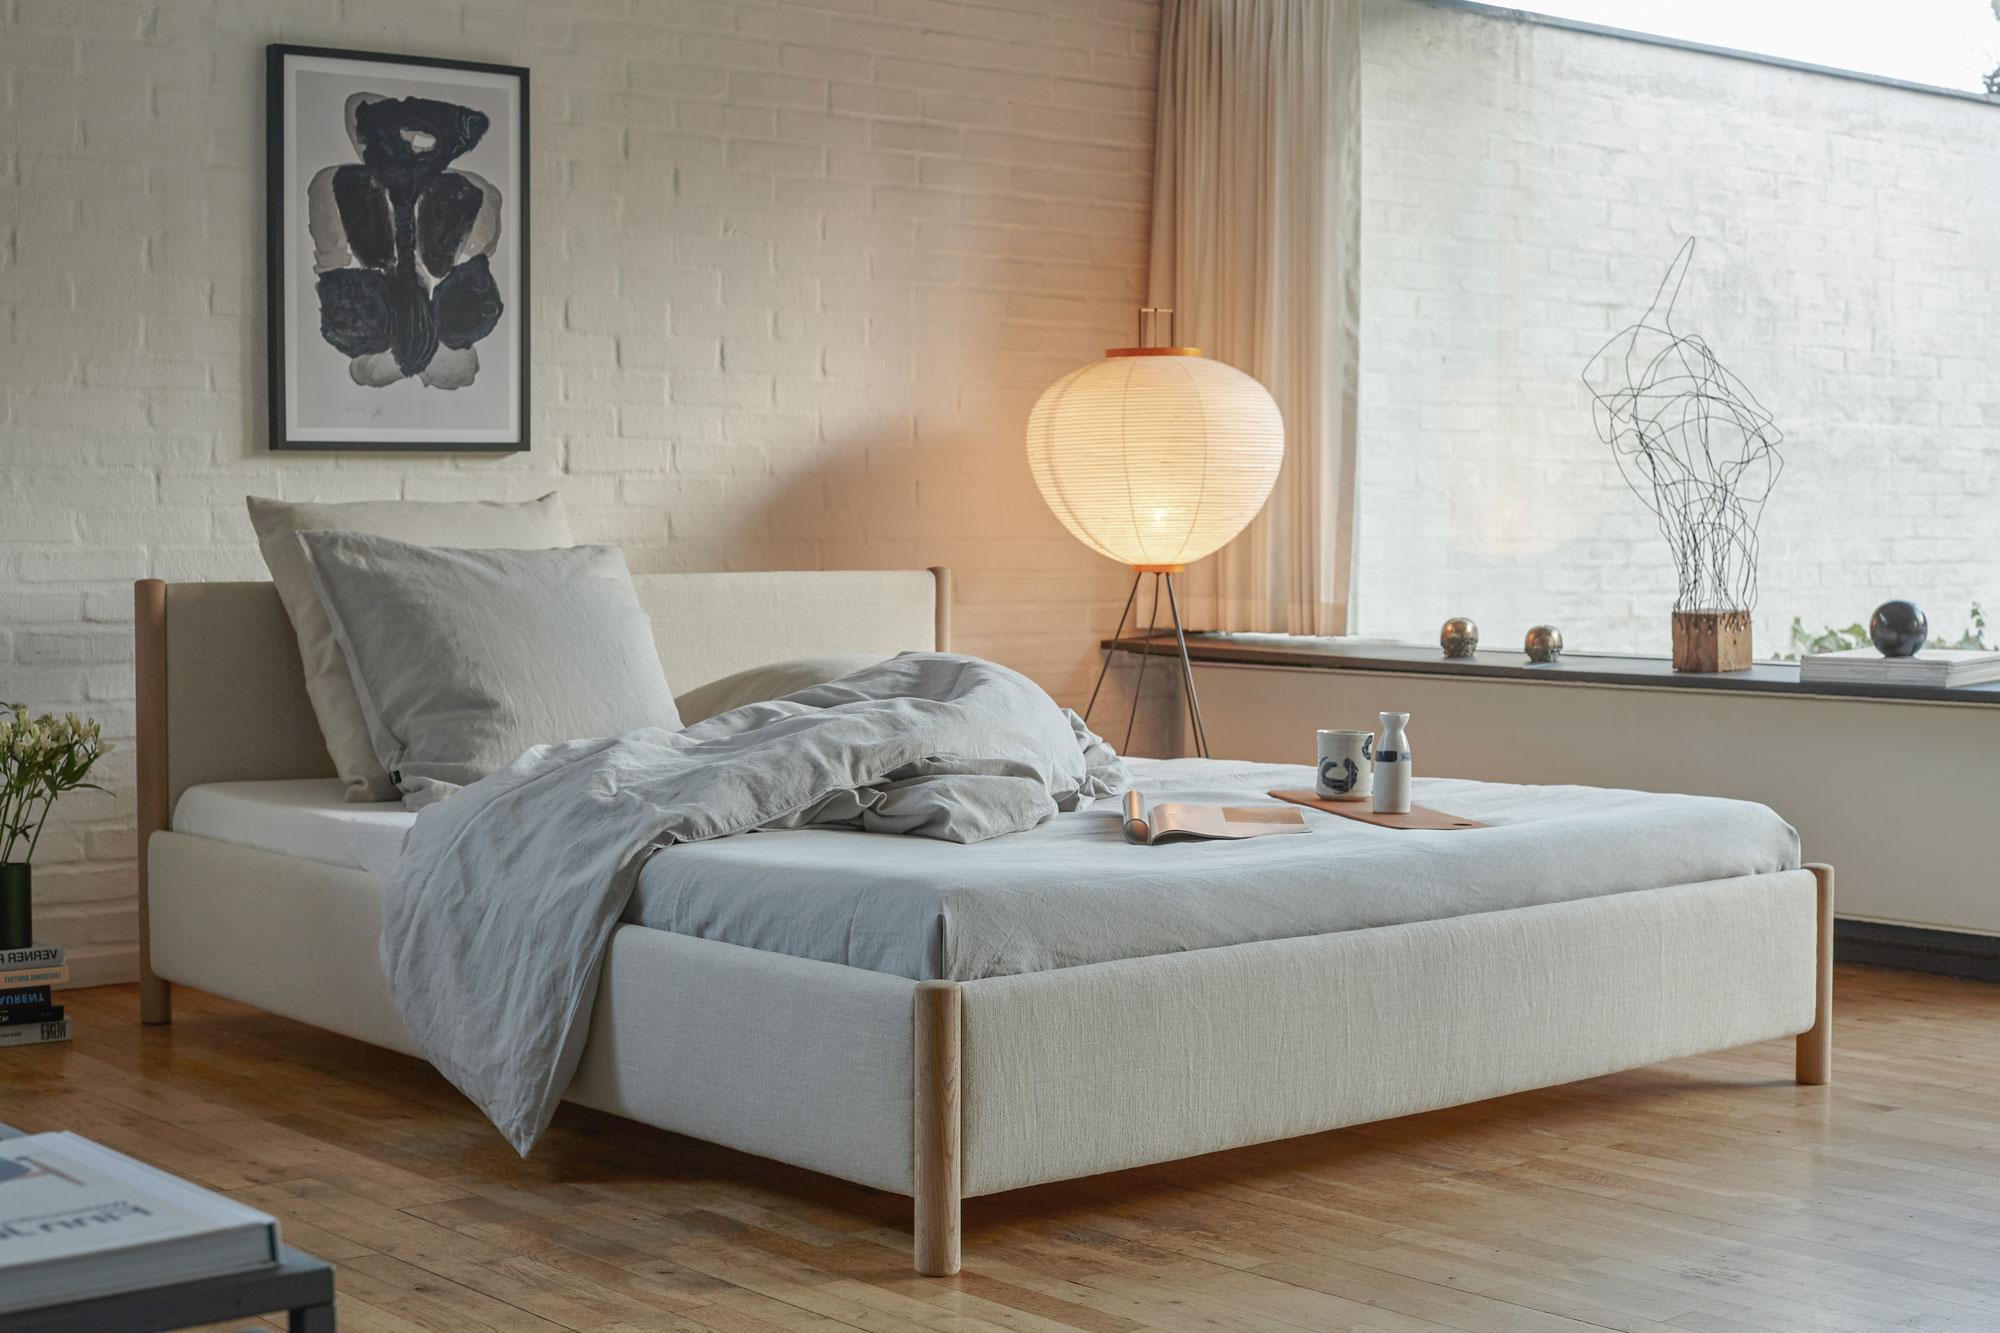 1---VENG-BED---RE-BEDS---DESIGN-BY-OLIVER-&-LUKAS-WEISSKROGH.jpg